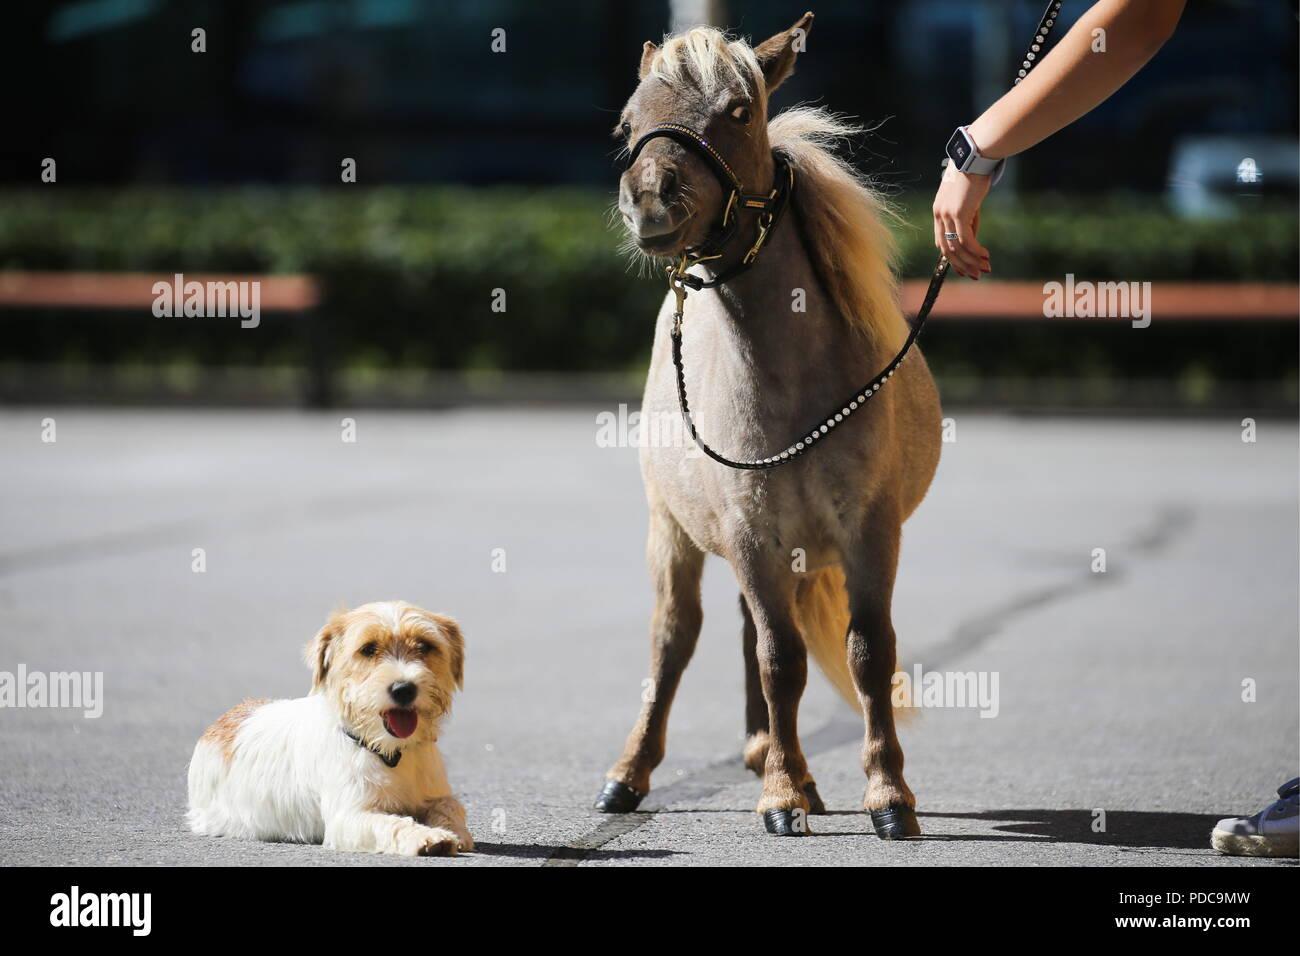 Saint-pétersbourg, Russie. Le 08 août, 2018. Saint-pétersbourg, RUSSIE - Août 8, 2018: Gulliver, le cheval le plus petit au monde, et d'un chiot à la 20e Hipposphere exposition équestre internationale à l'Expoforum Convention and Exhibition Centre. La hauteur au garrot du cheval né d'un couple de chevaux miniatures américains à l'hidalgo pony farm, est de 49 cm (19.29 in). Peter Kovalev/crédit: TASS ITAR-TASS News Agency/Alamy Live News Banque D'Images